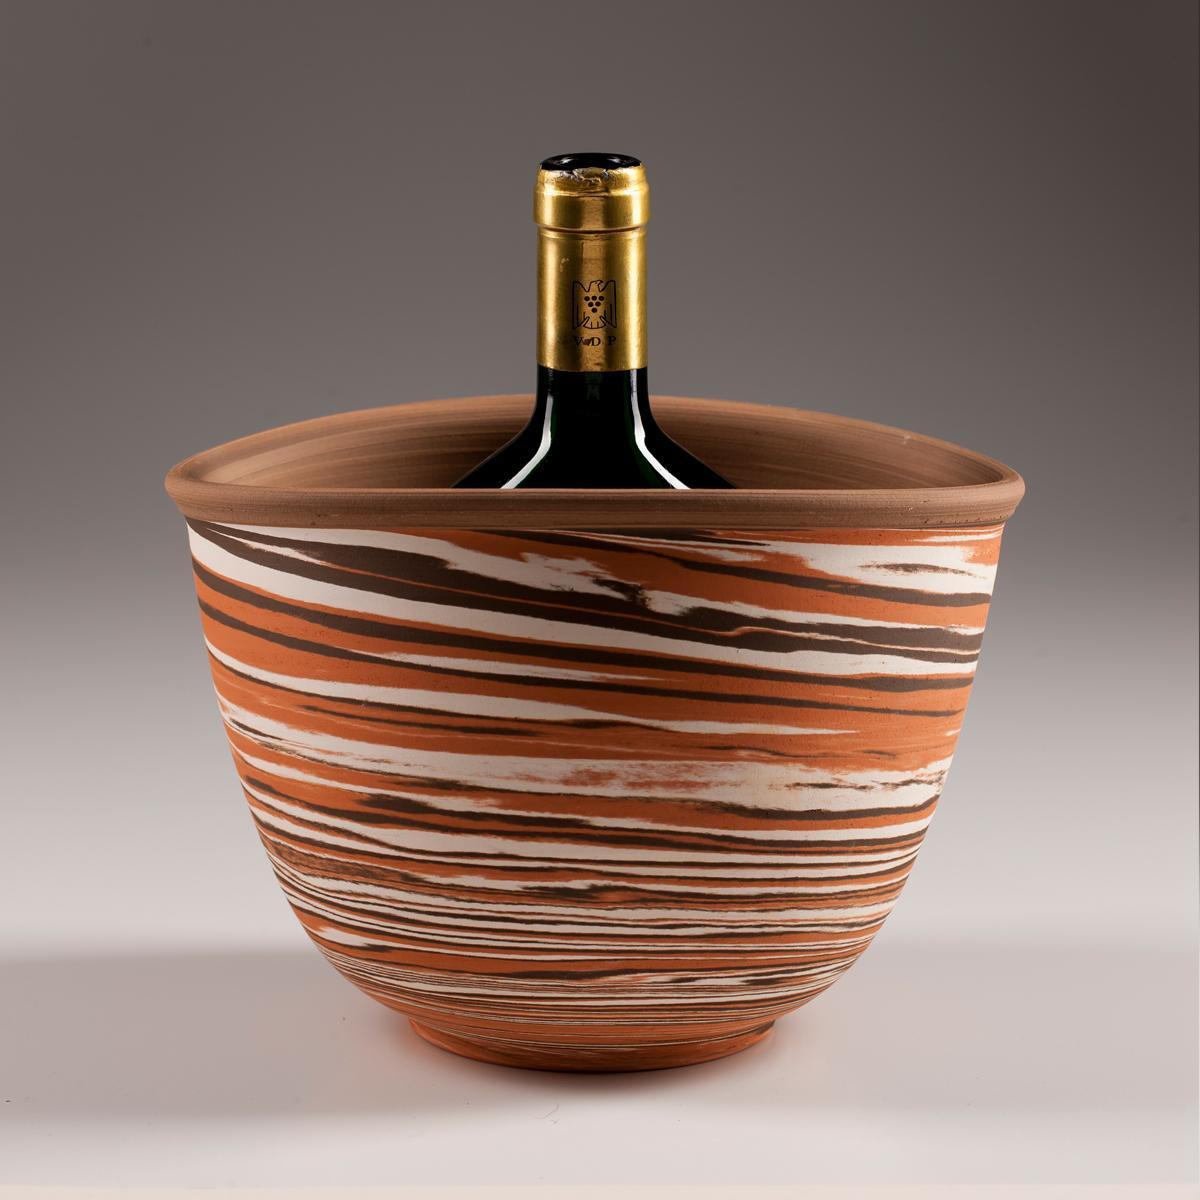 weink hler archive keramik weissensteiner. Black Bedroom Furniture Sets. Home Design Ideas